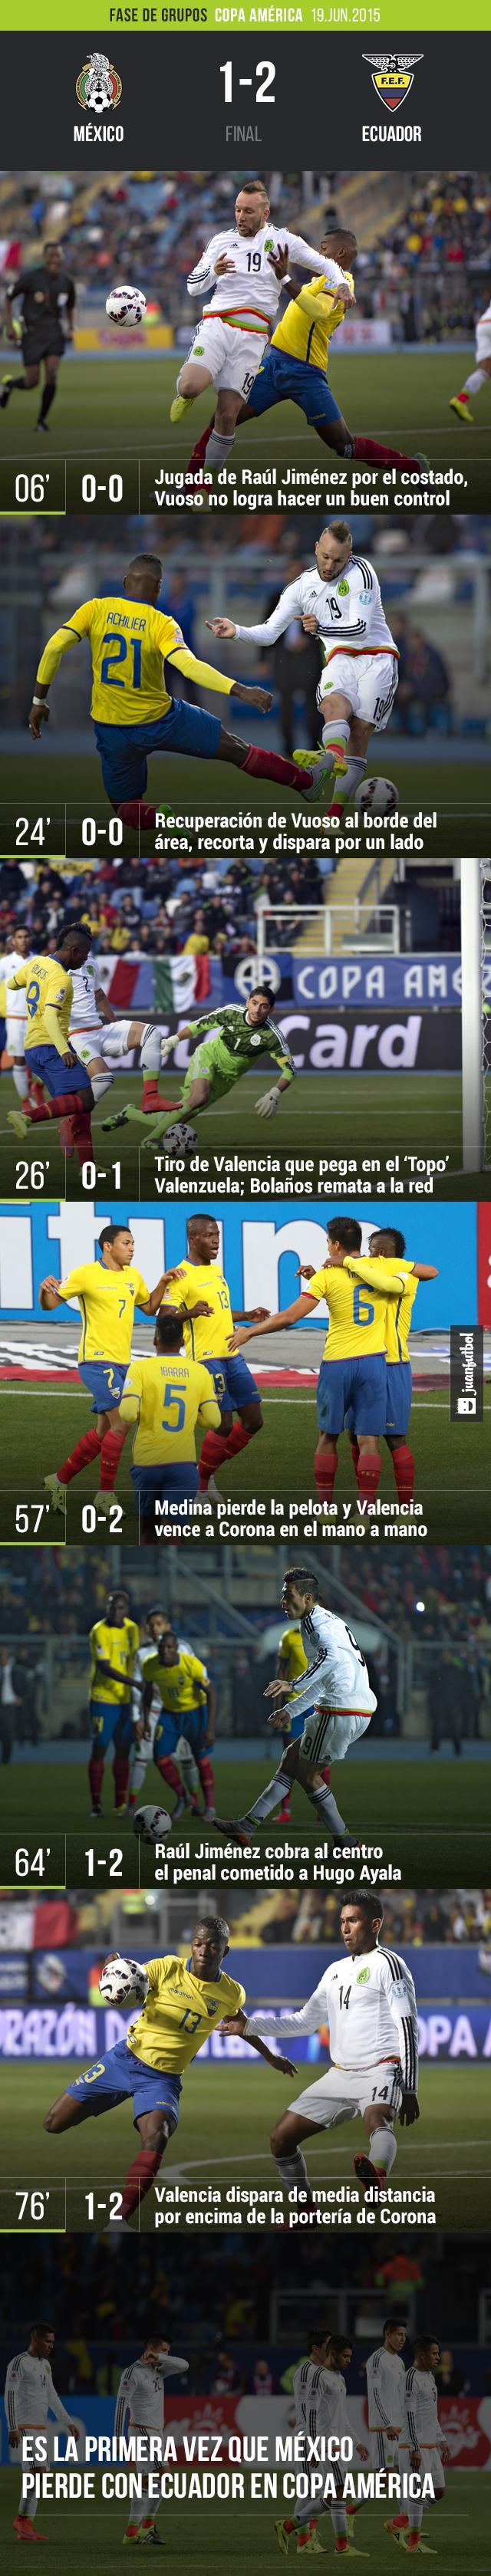 México 1-2 Ecuador